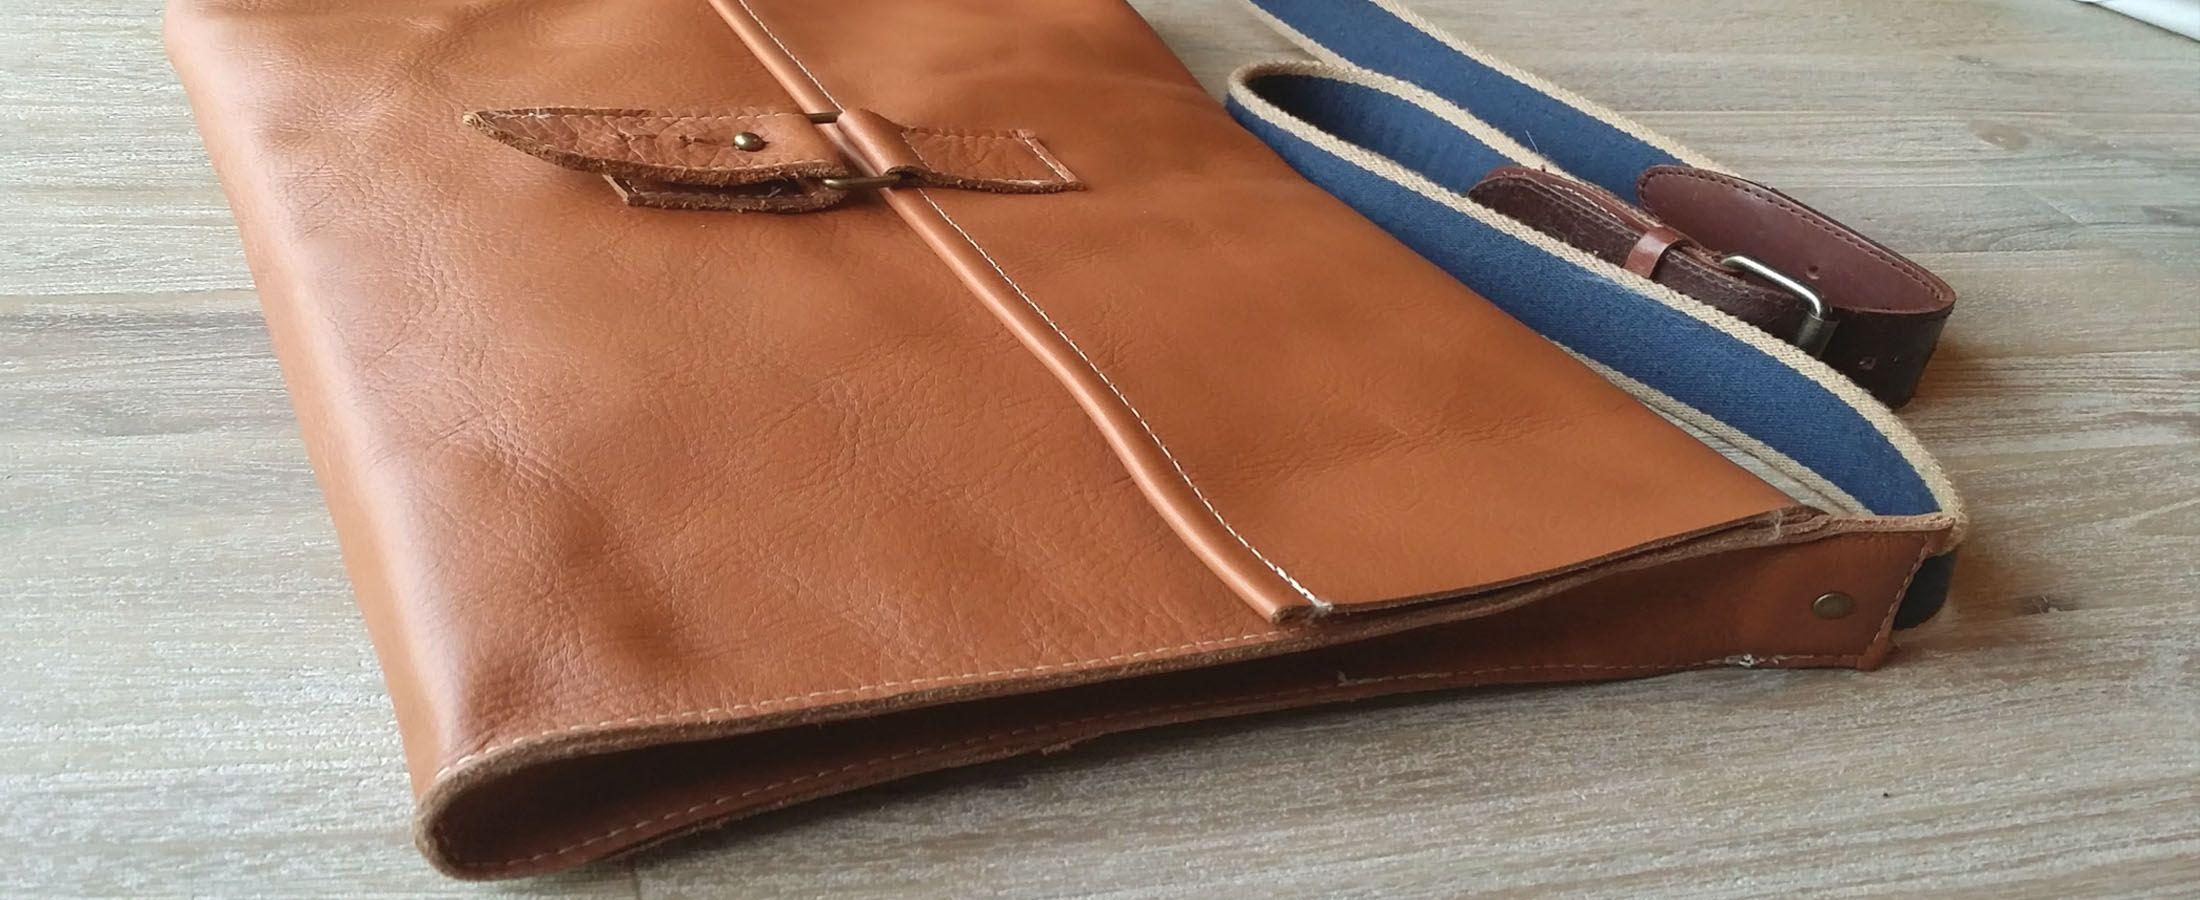 Aktetas gemaakt van leer, hengsel is van en riem gemaakt. Zoals de andere producten gemaakt van leer is ook deze tas gemaakt van leer restanten.  Kijk op https://met-pit.nl